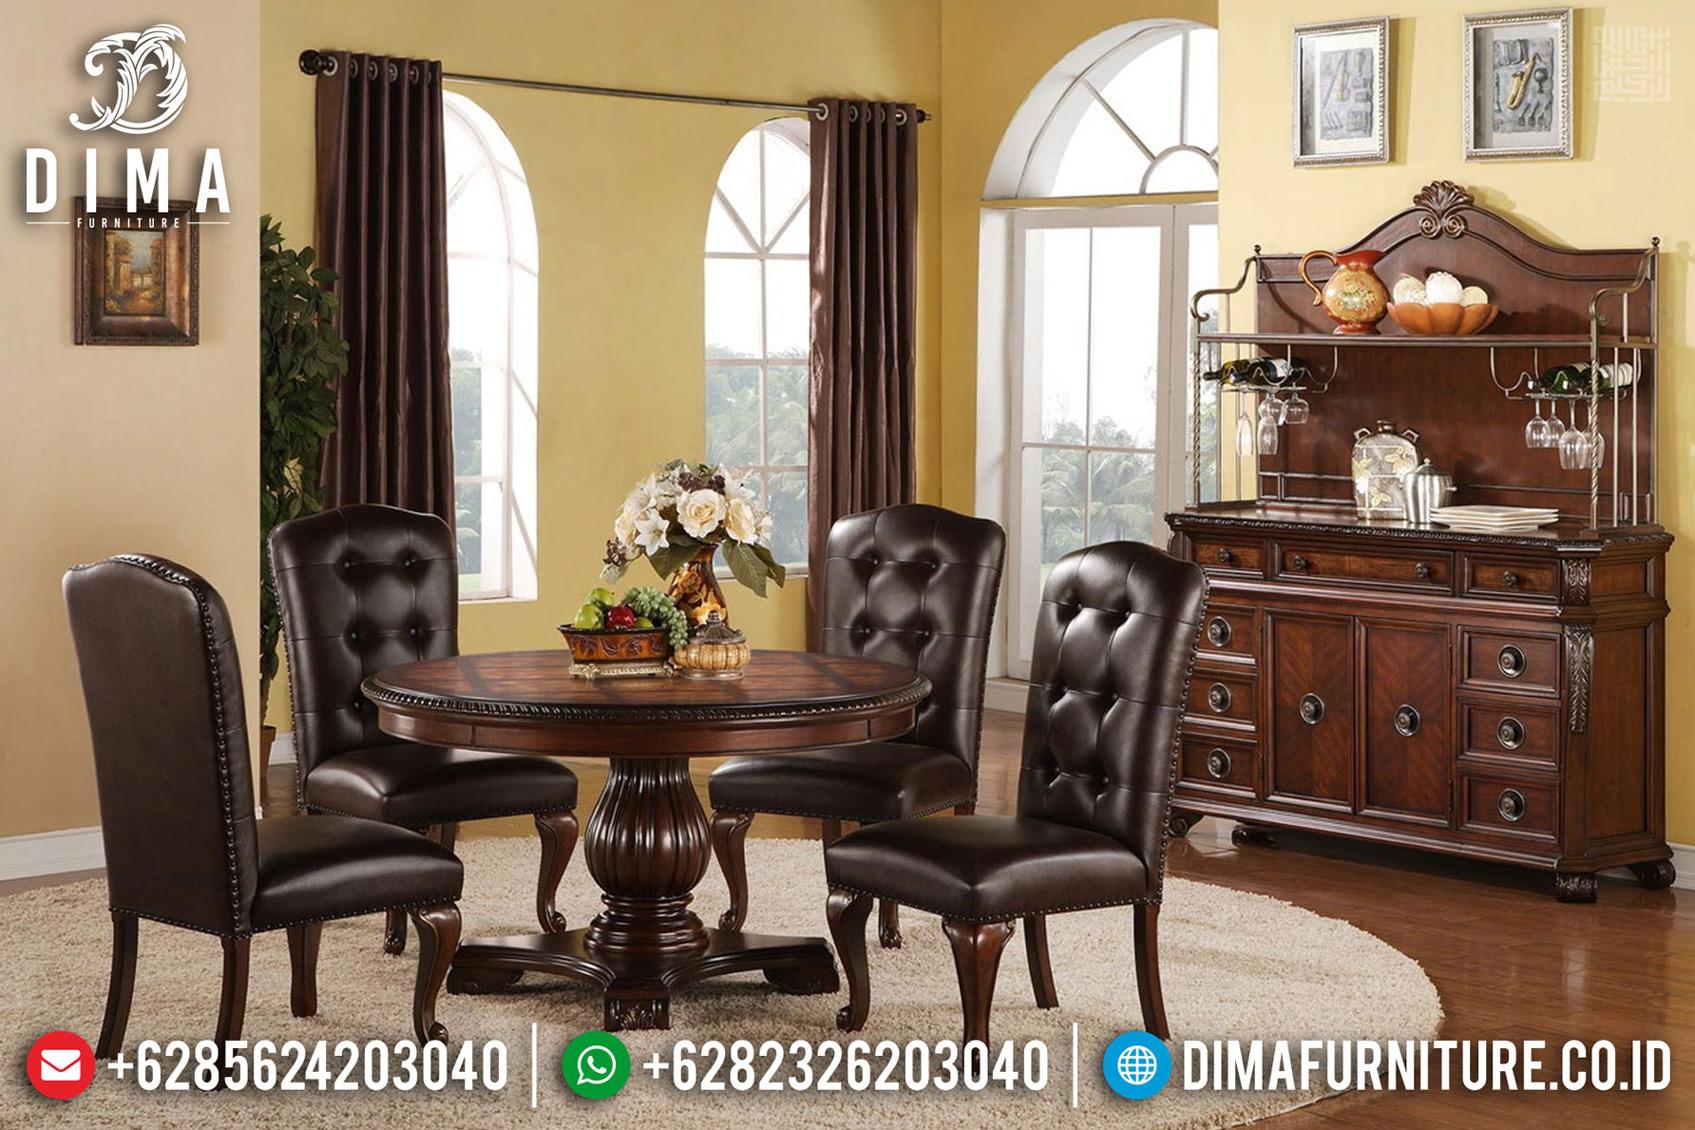 Jual Meja Makan Jepara Natural Jati Klasik New Design Minimalis TTJ-0749